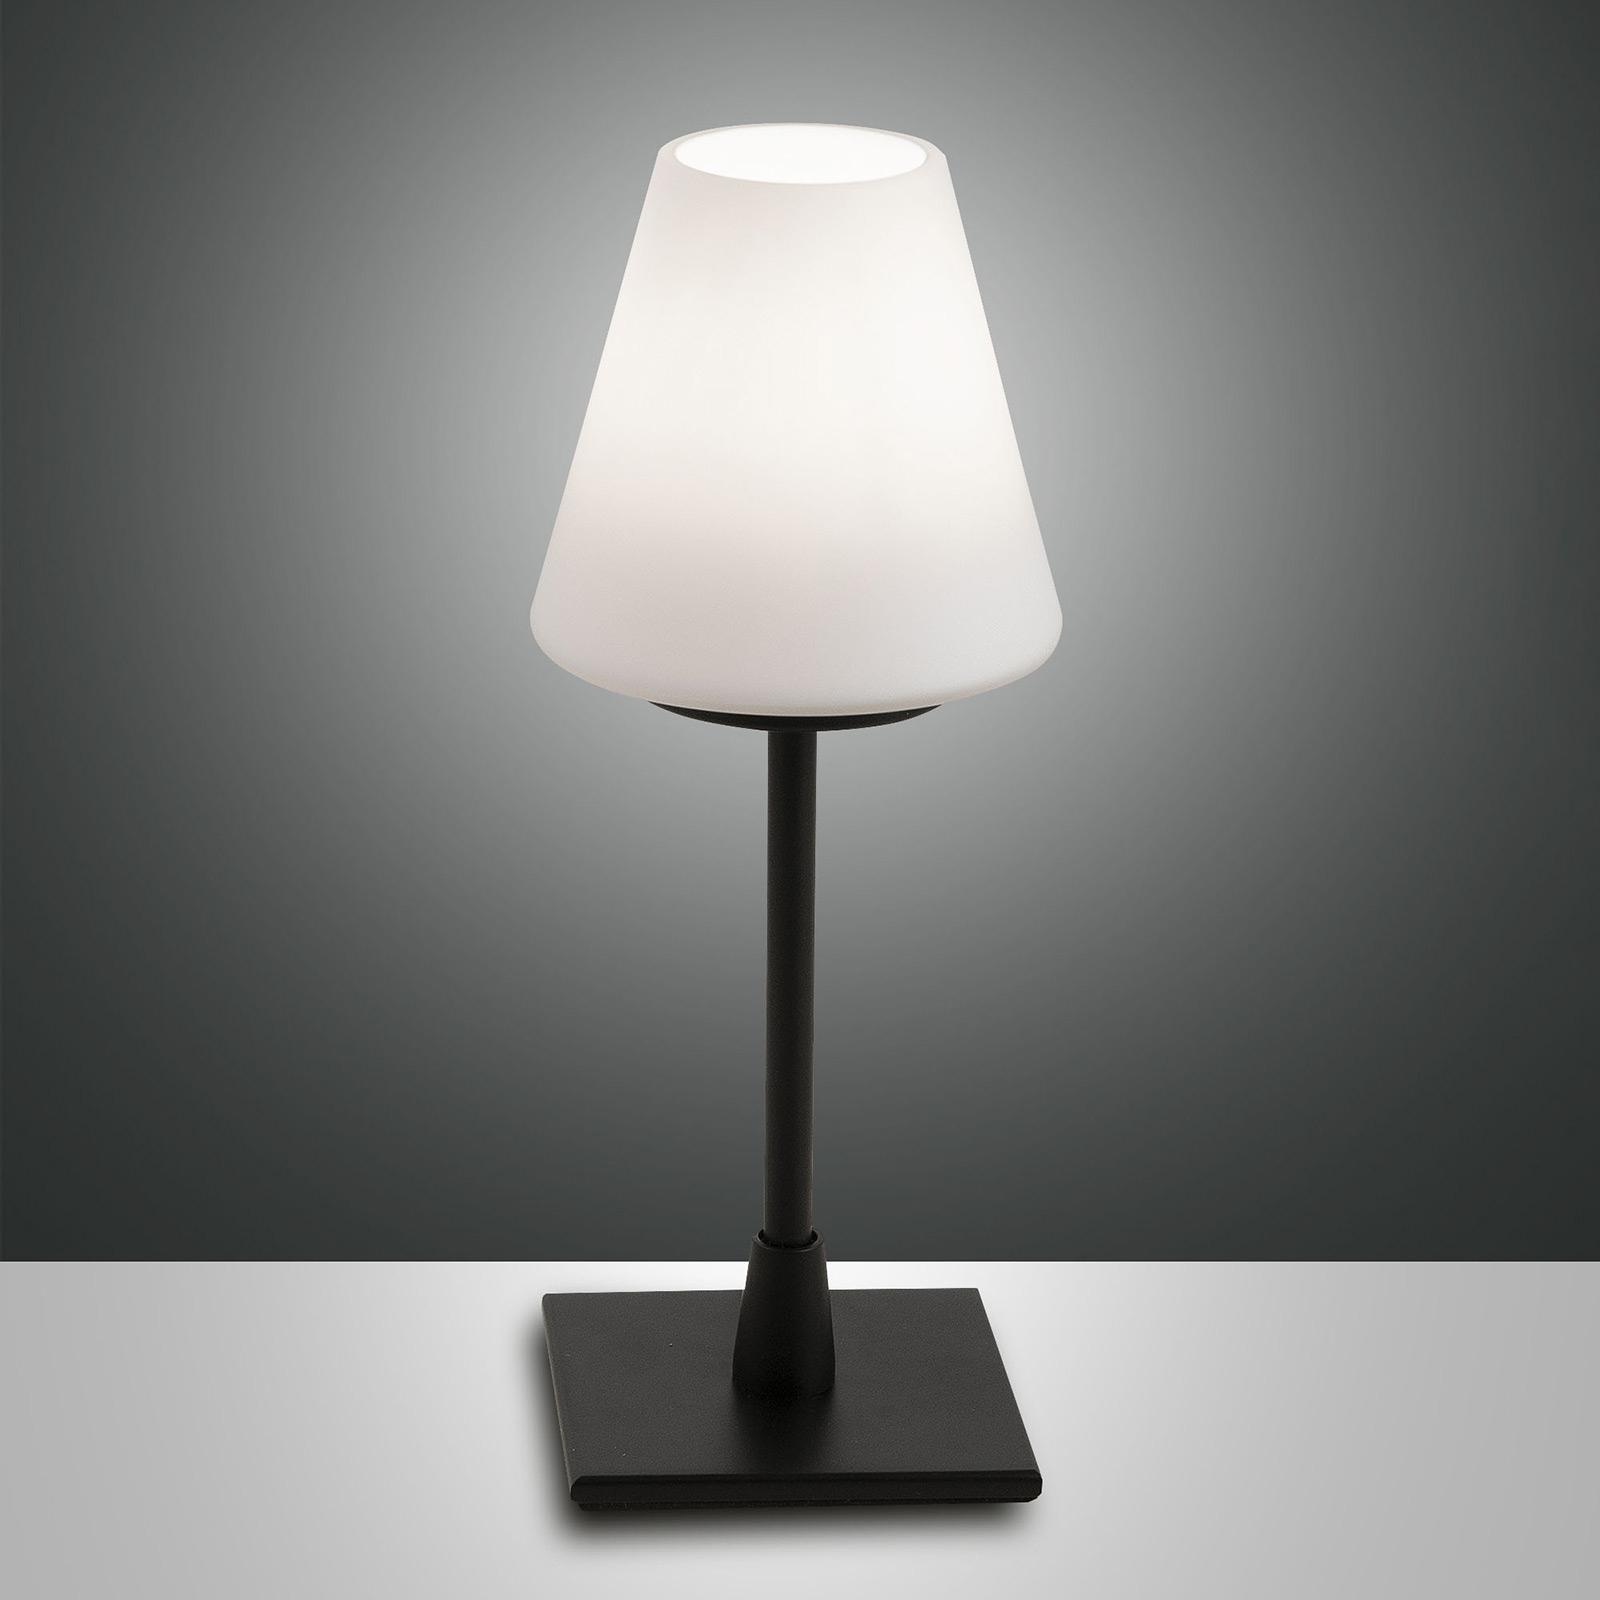 Lampe à poser LED Lucy variateur tactile, noire